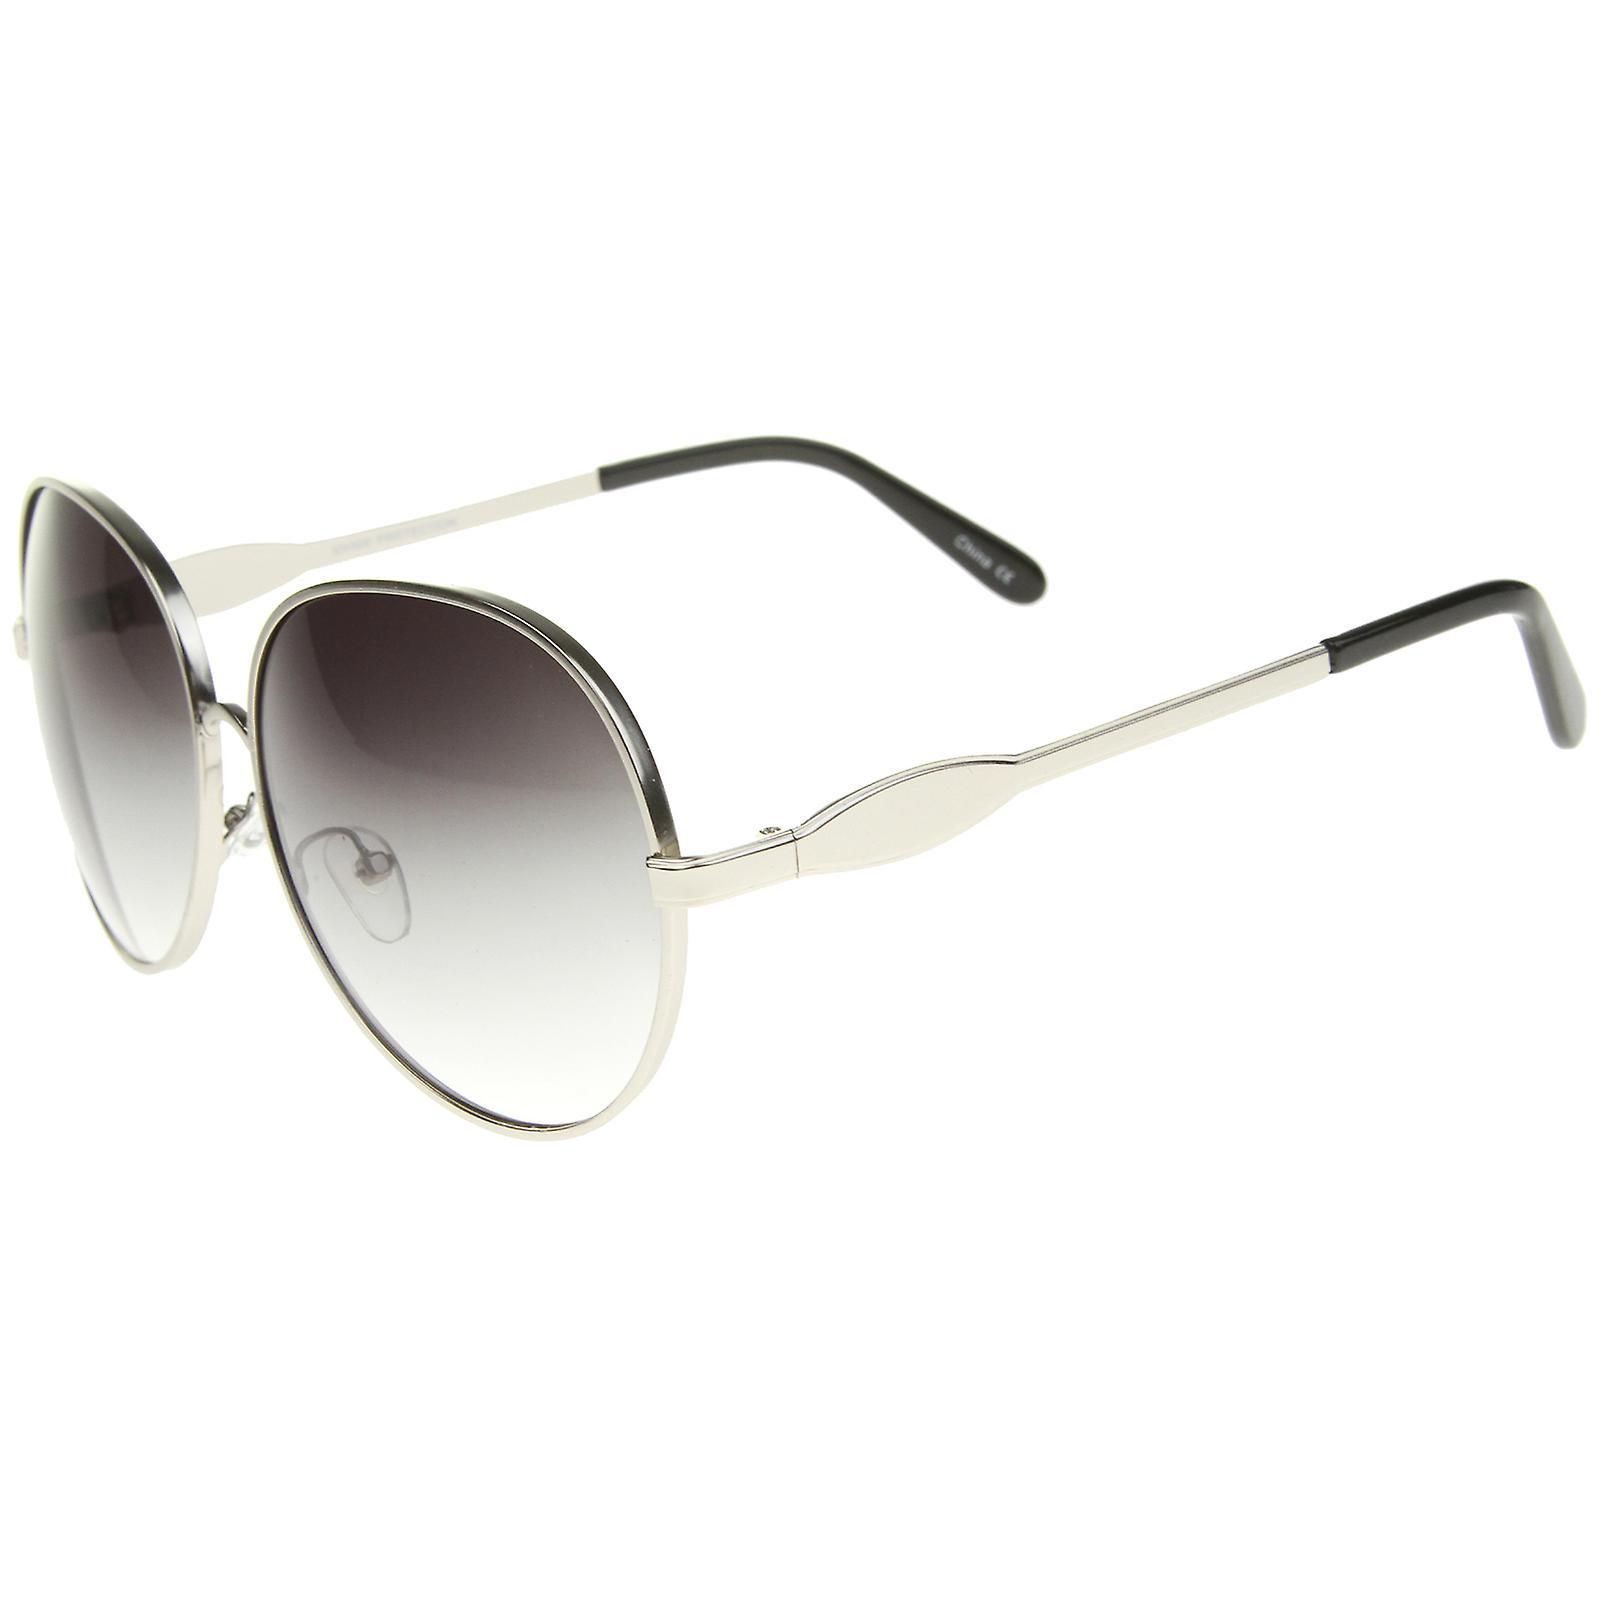 51e477e84e06 Womens Glam Full Metal ramme store runde solbriller 63mm